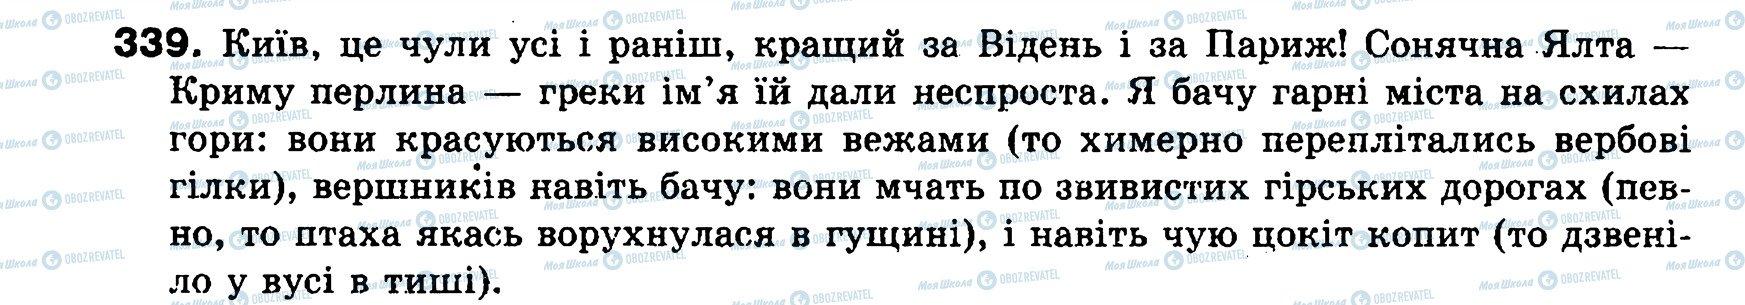 ГДЗ Українська мова 8 клас сторінка 339